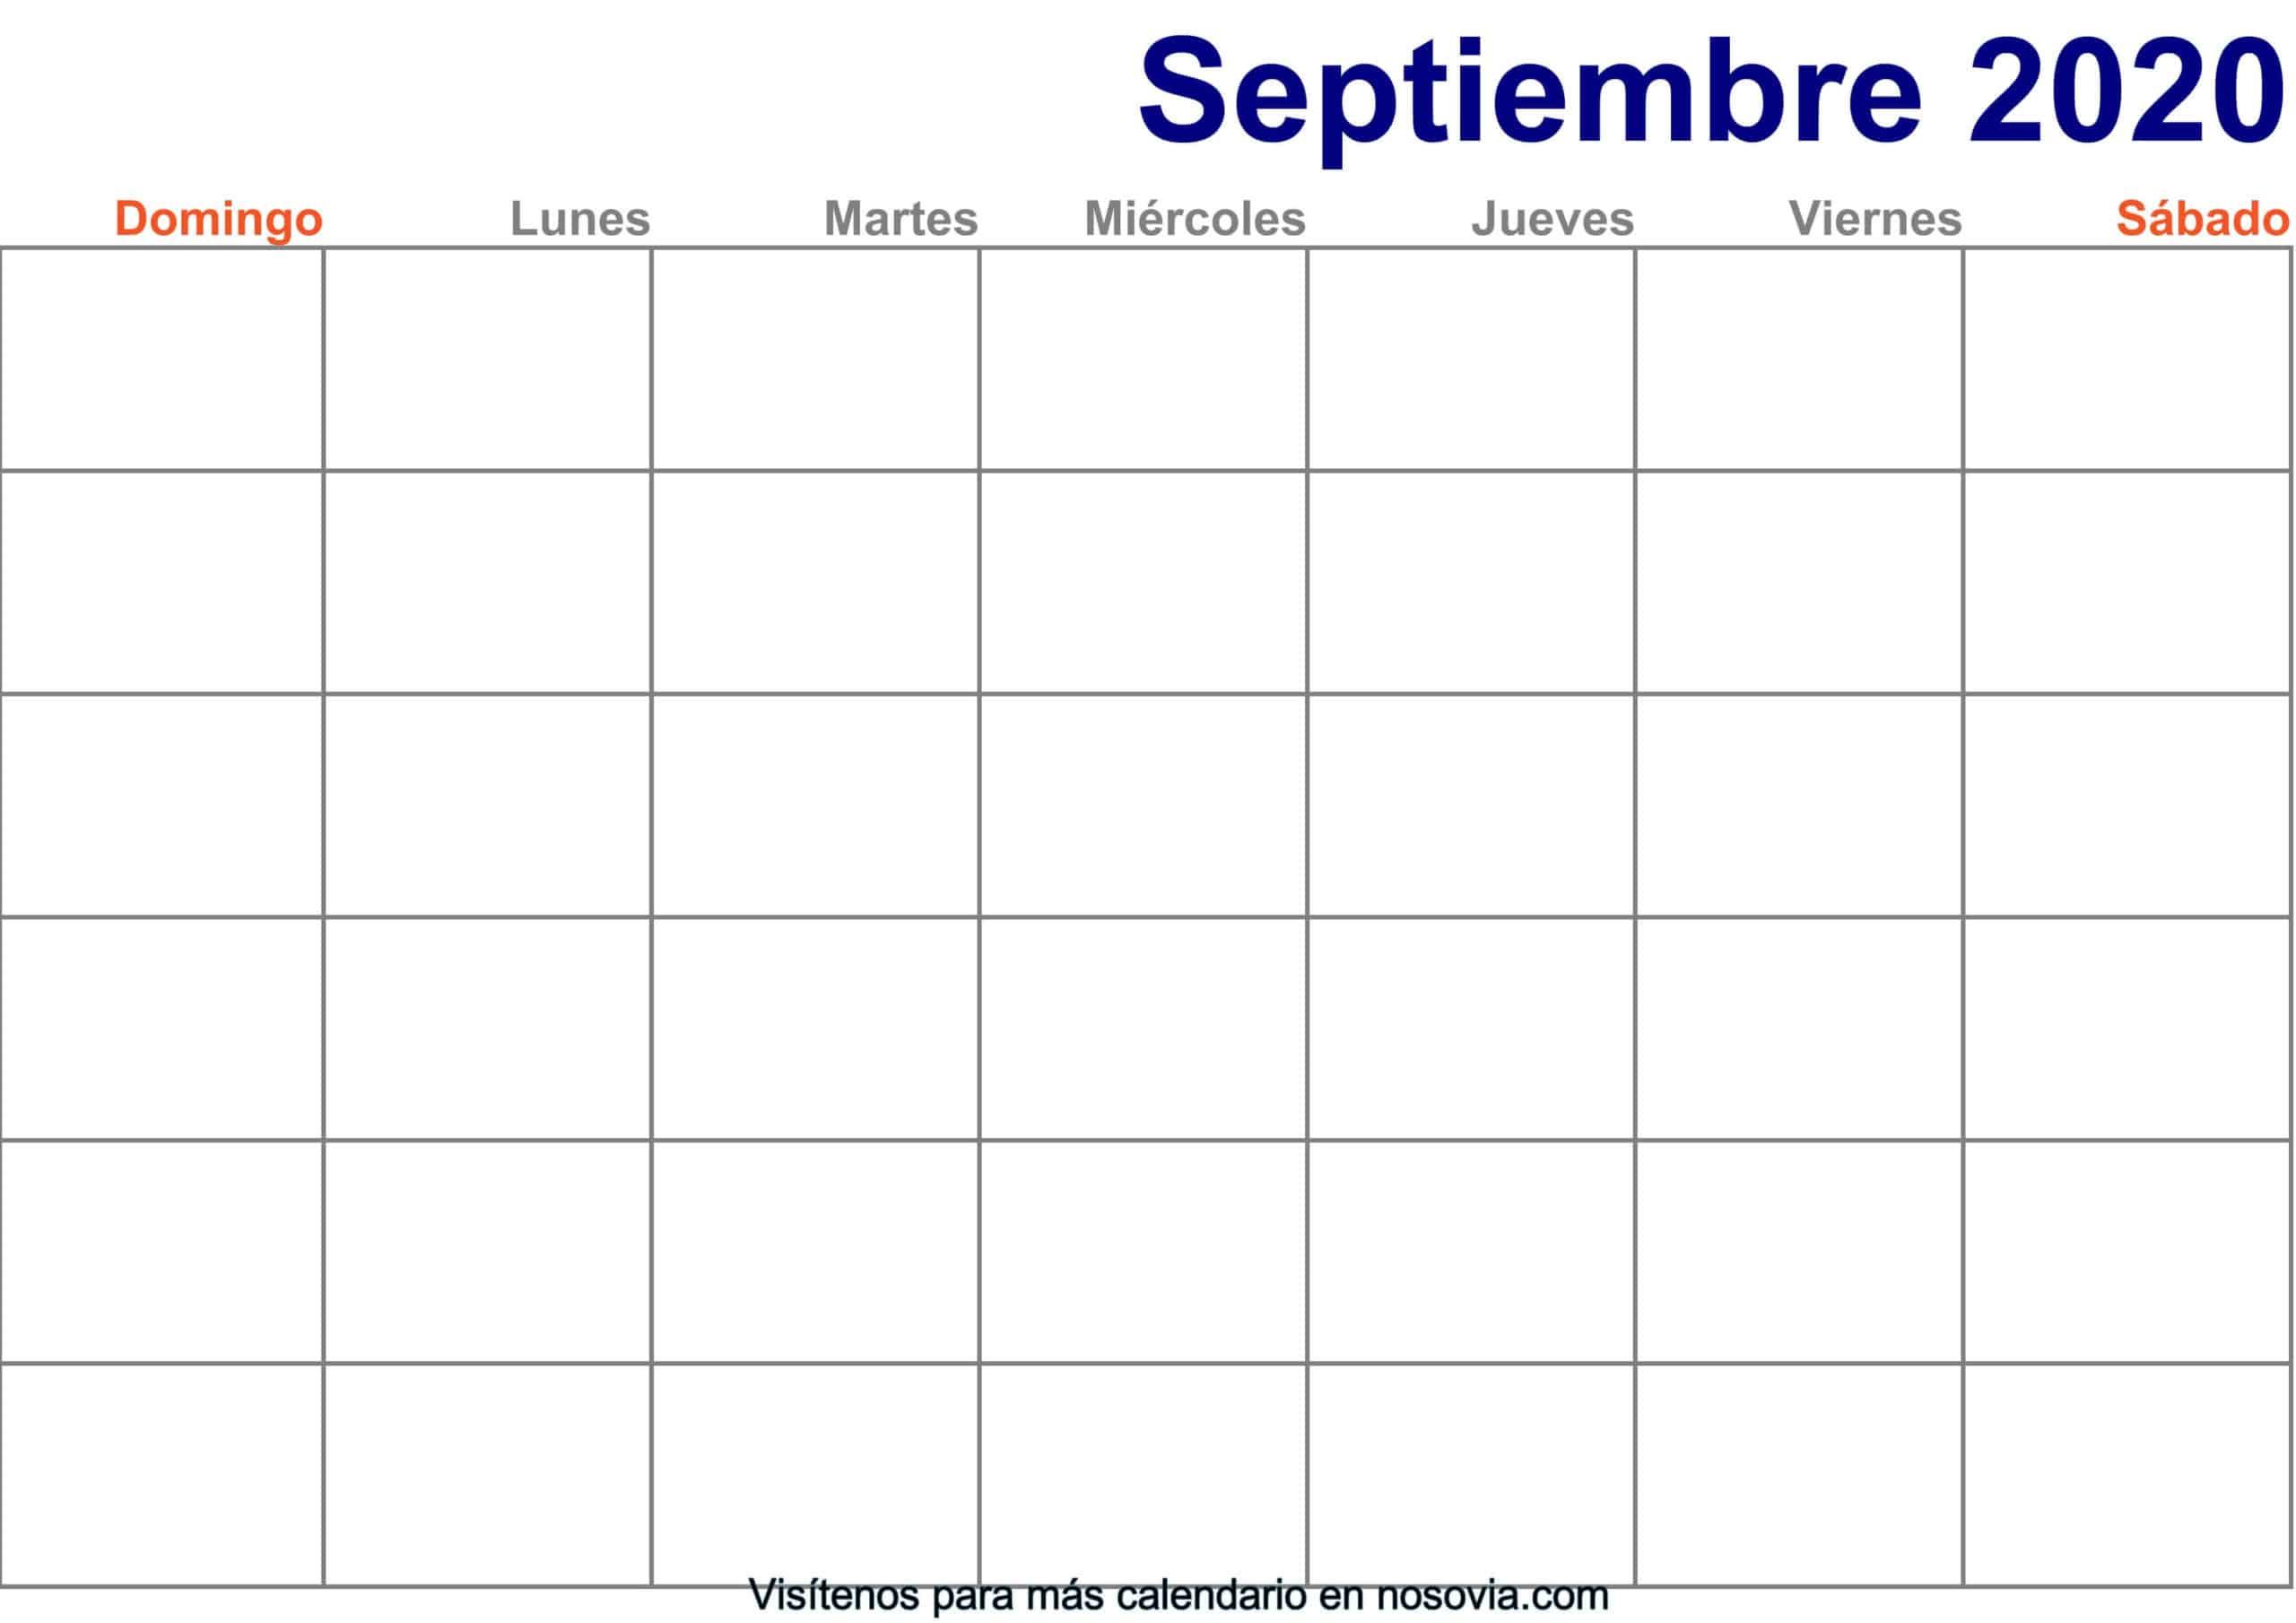 Calendario-septiembre-2020-en-blanco-Imprimir-gratis